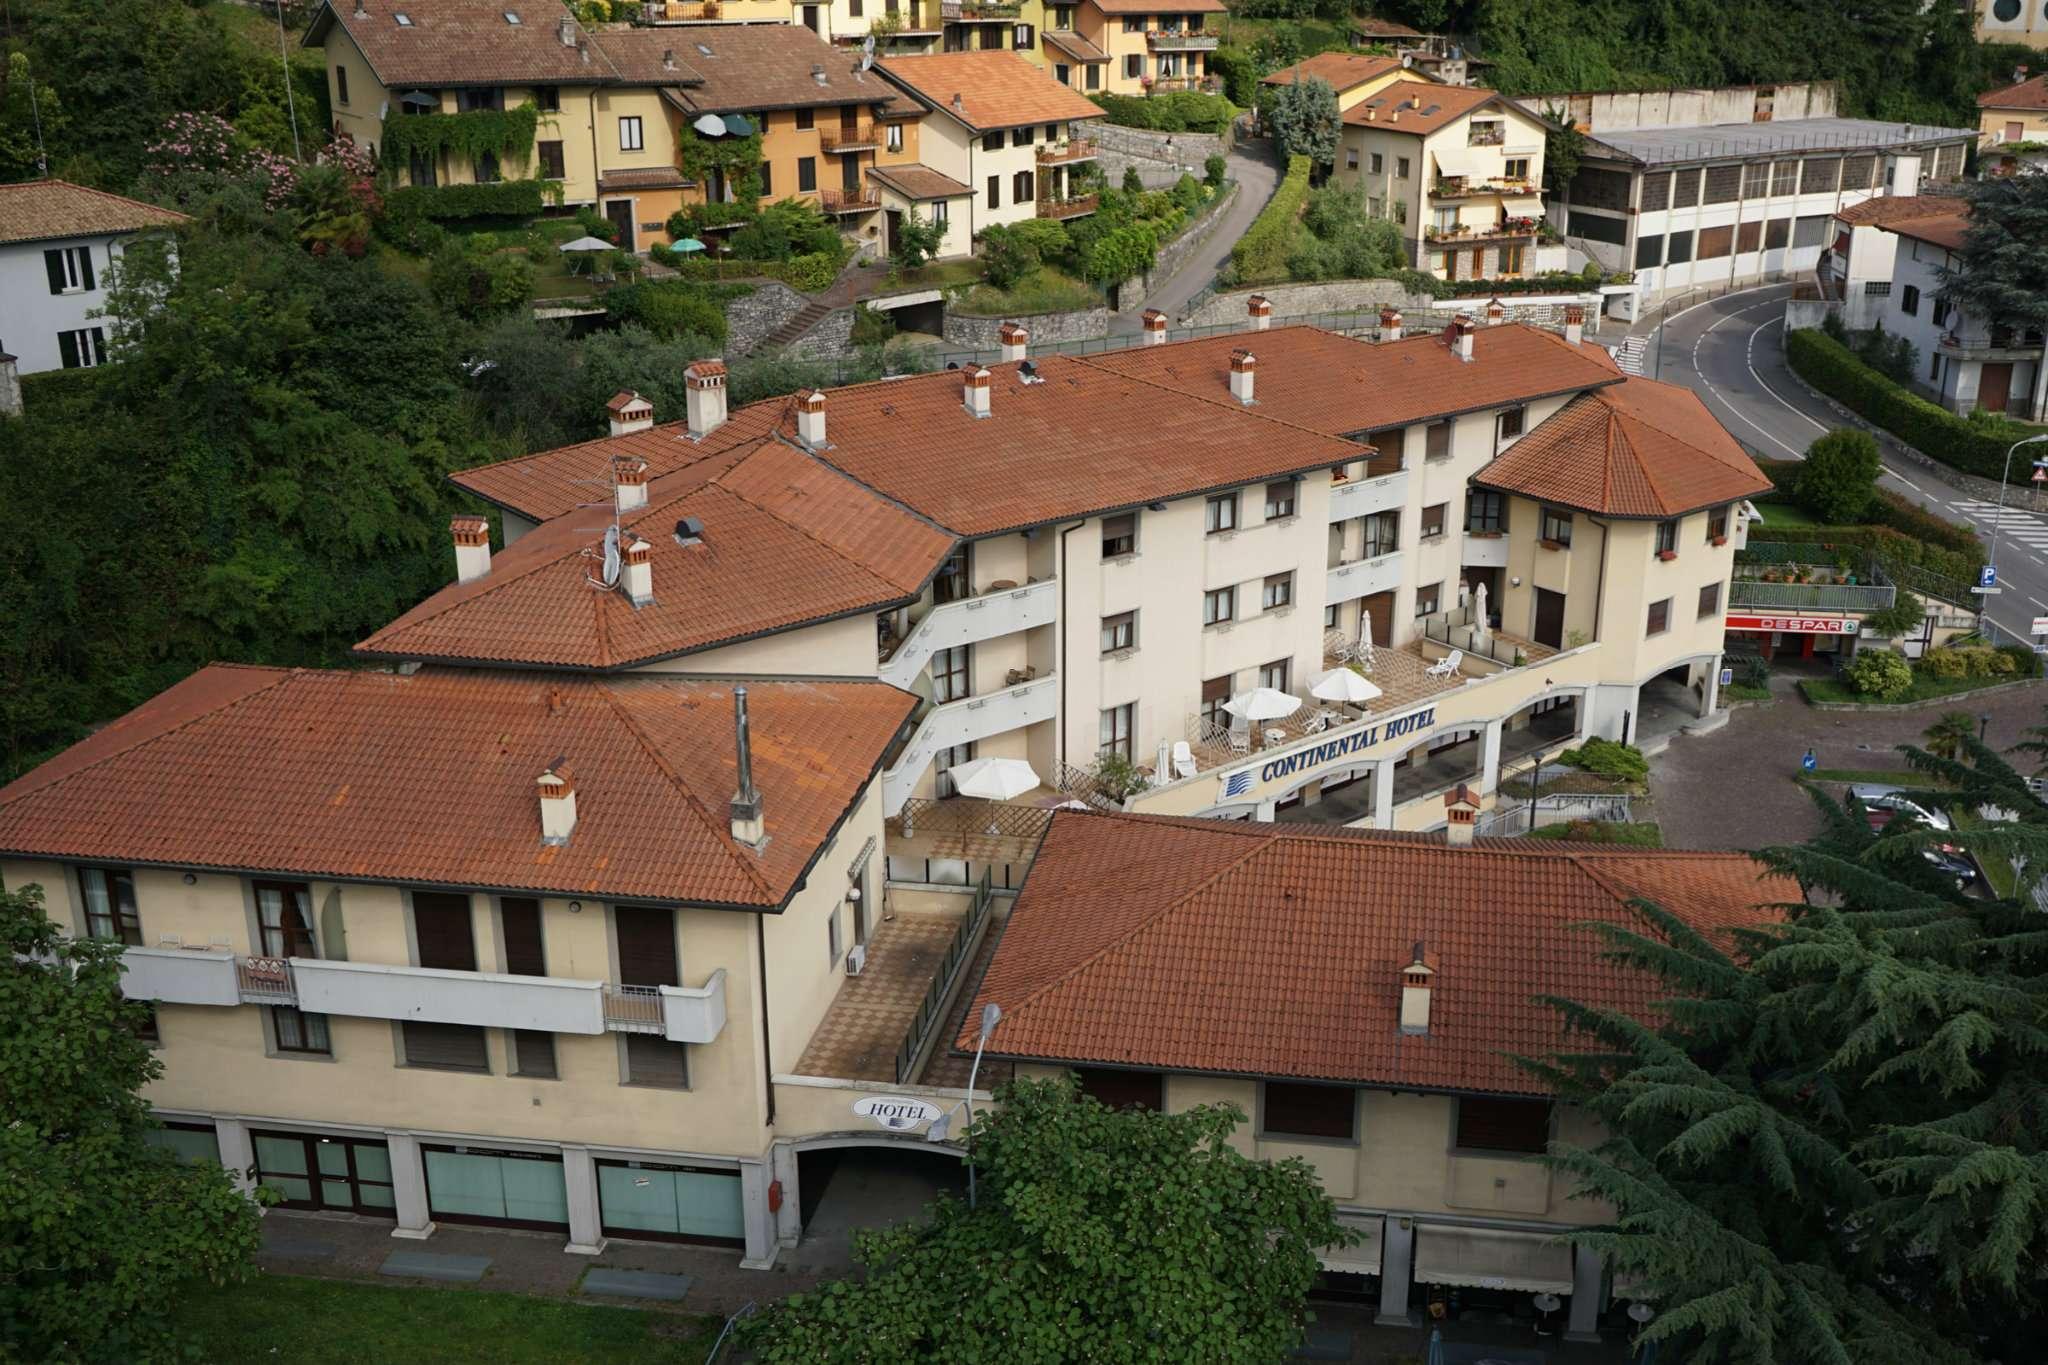 Appartamento in vendita a Lovere, 3 locali, prezzo € 200.000 | CambioCasa.it